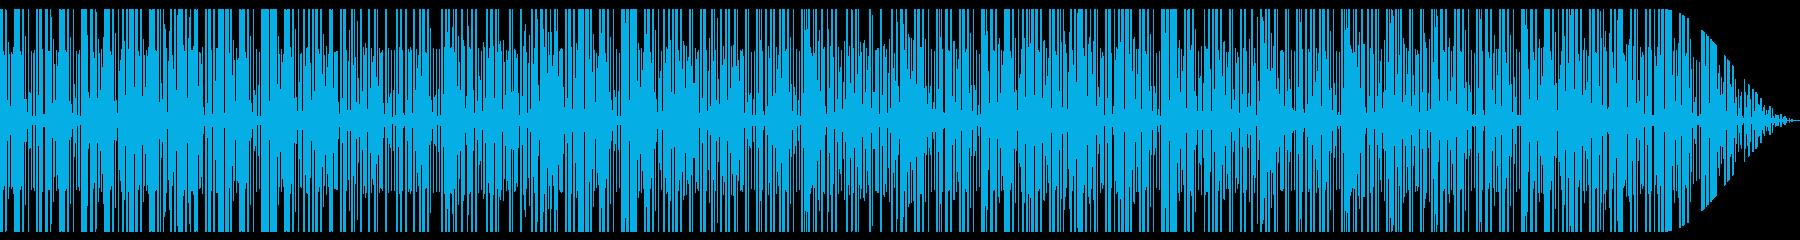 リゾートの日常を表現したビートですの再生済みの波形